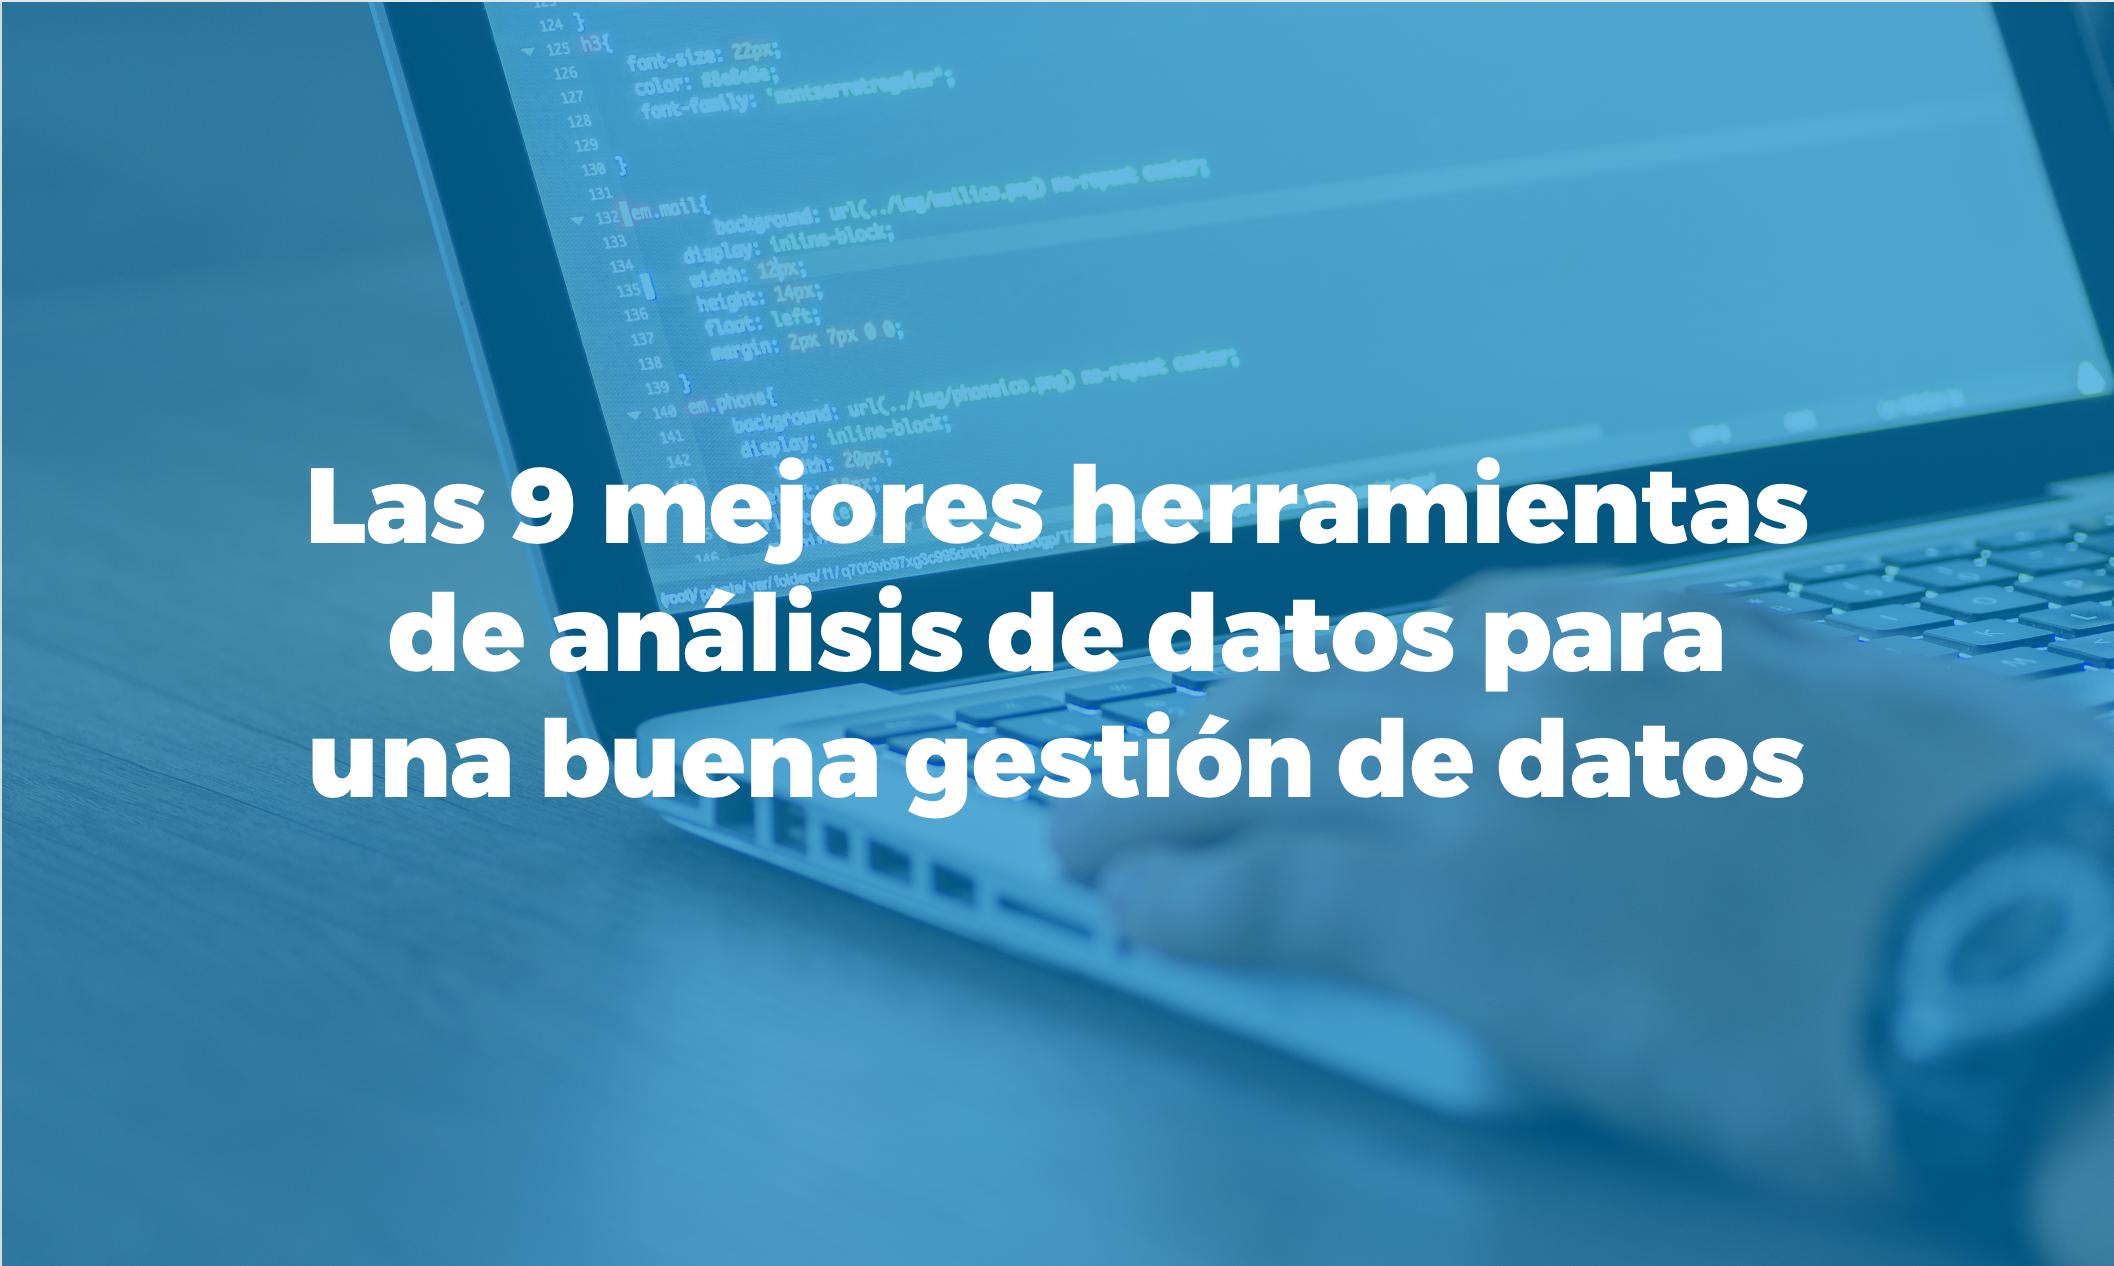 Bismart 9 mejores herramientas para un buen análisis de datos